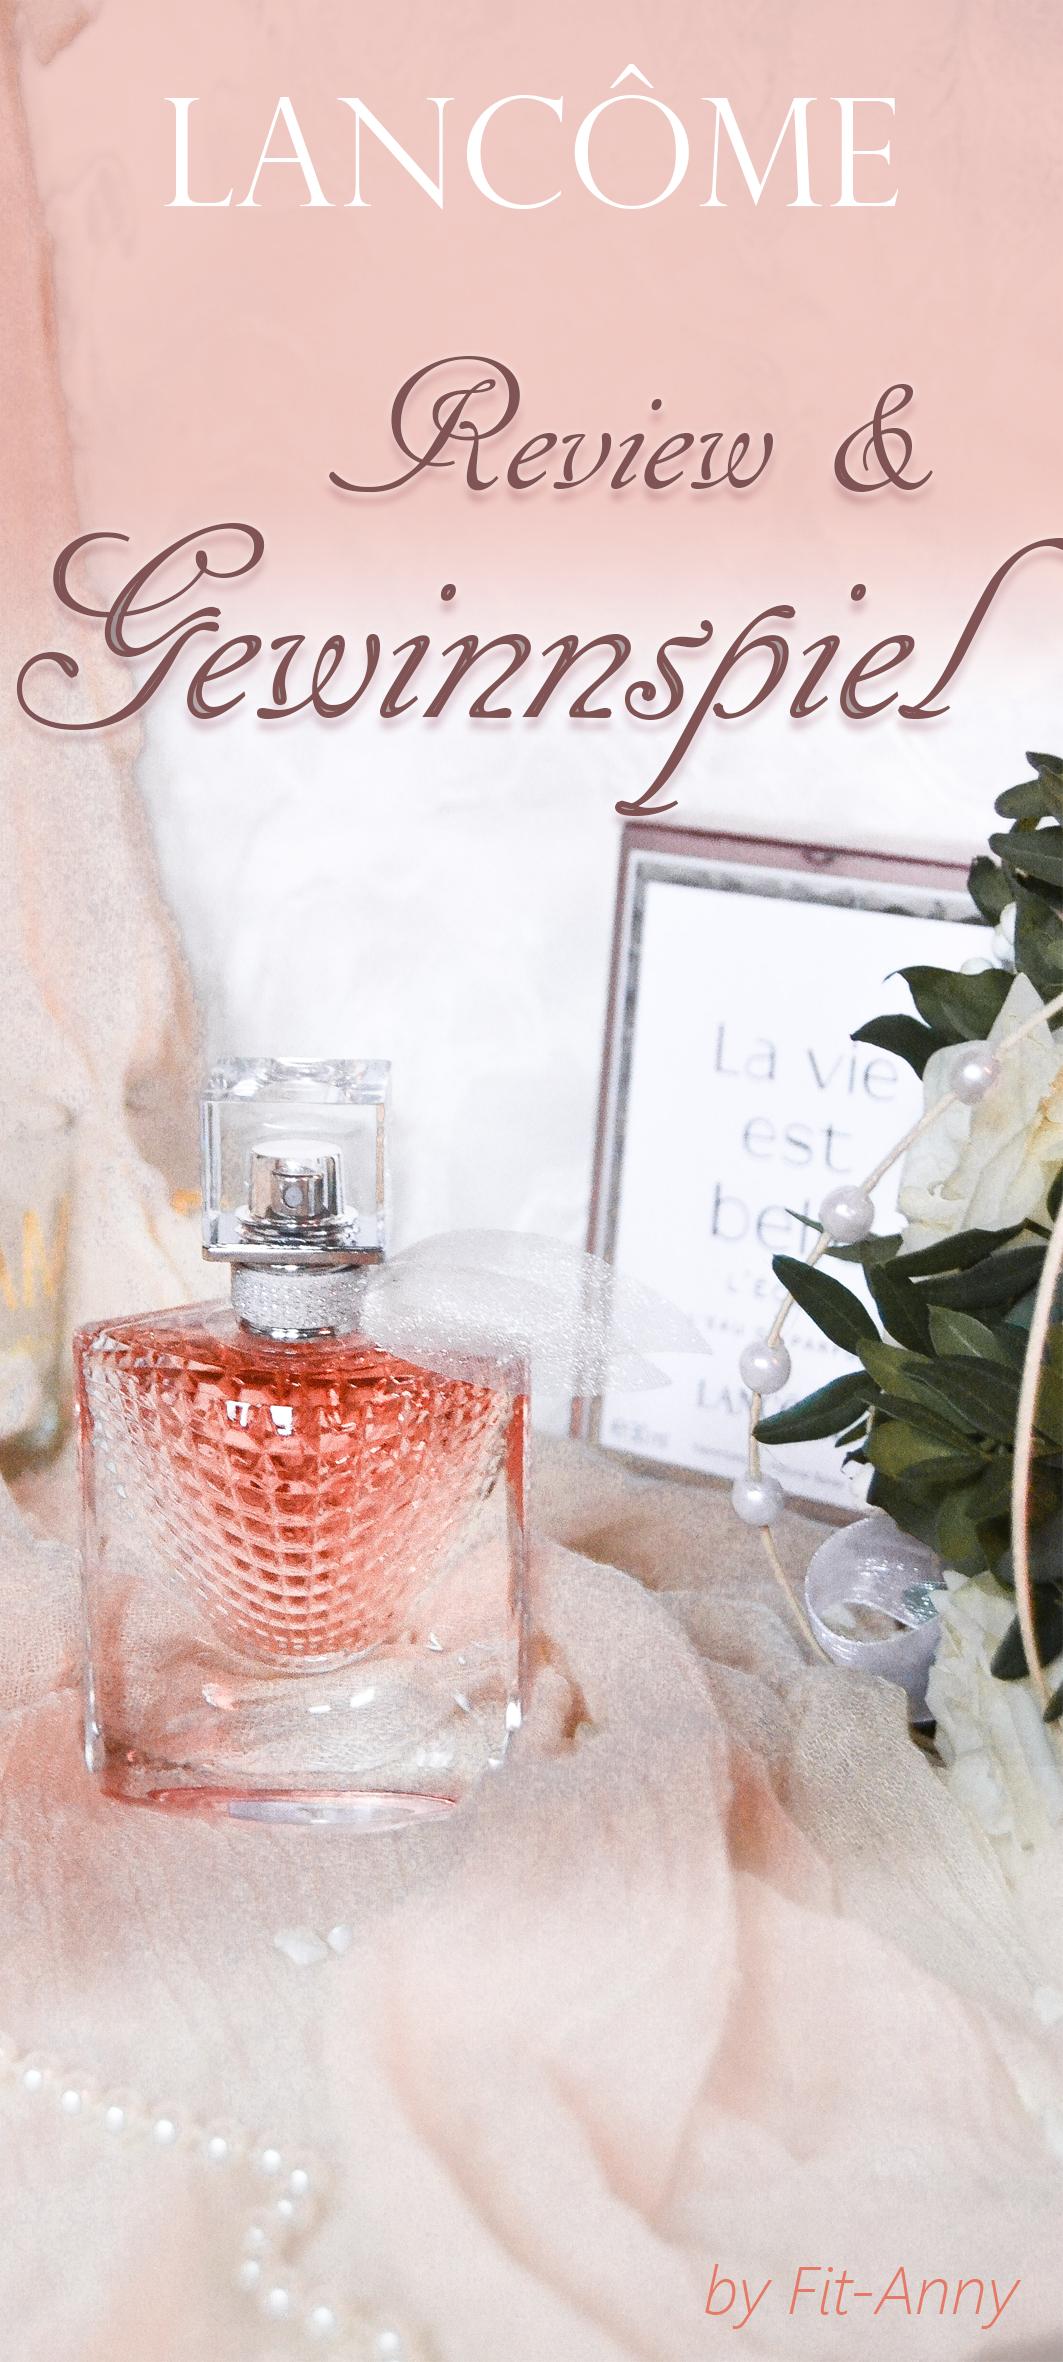 Lancôme Parfüm Gewinnspiel und Review